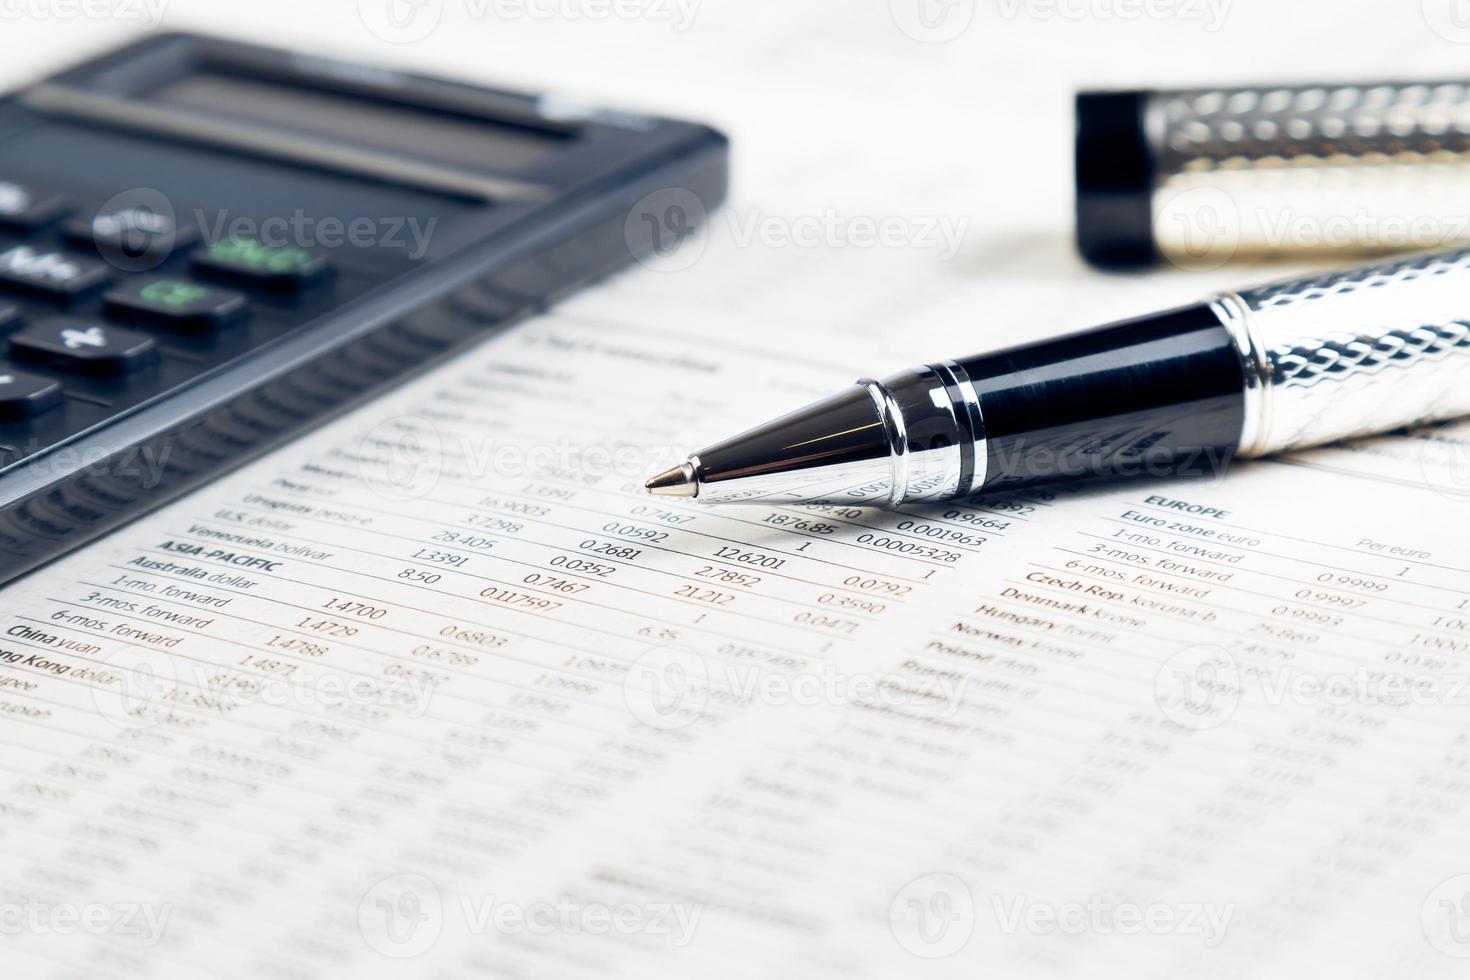 pluma de negocios, calculadora en tabla financiera foto